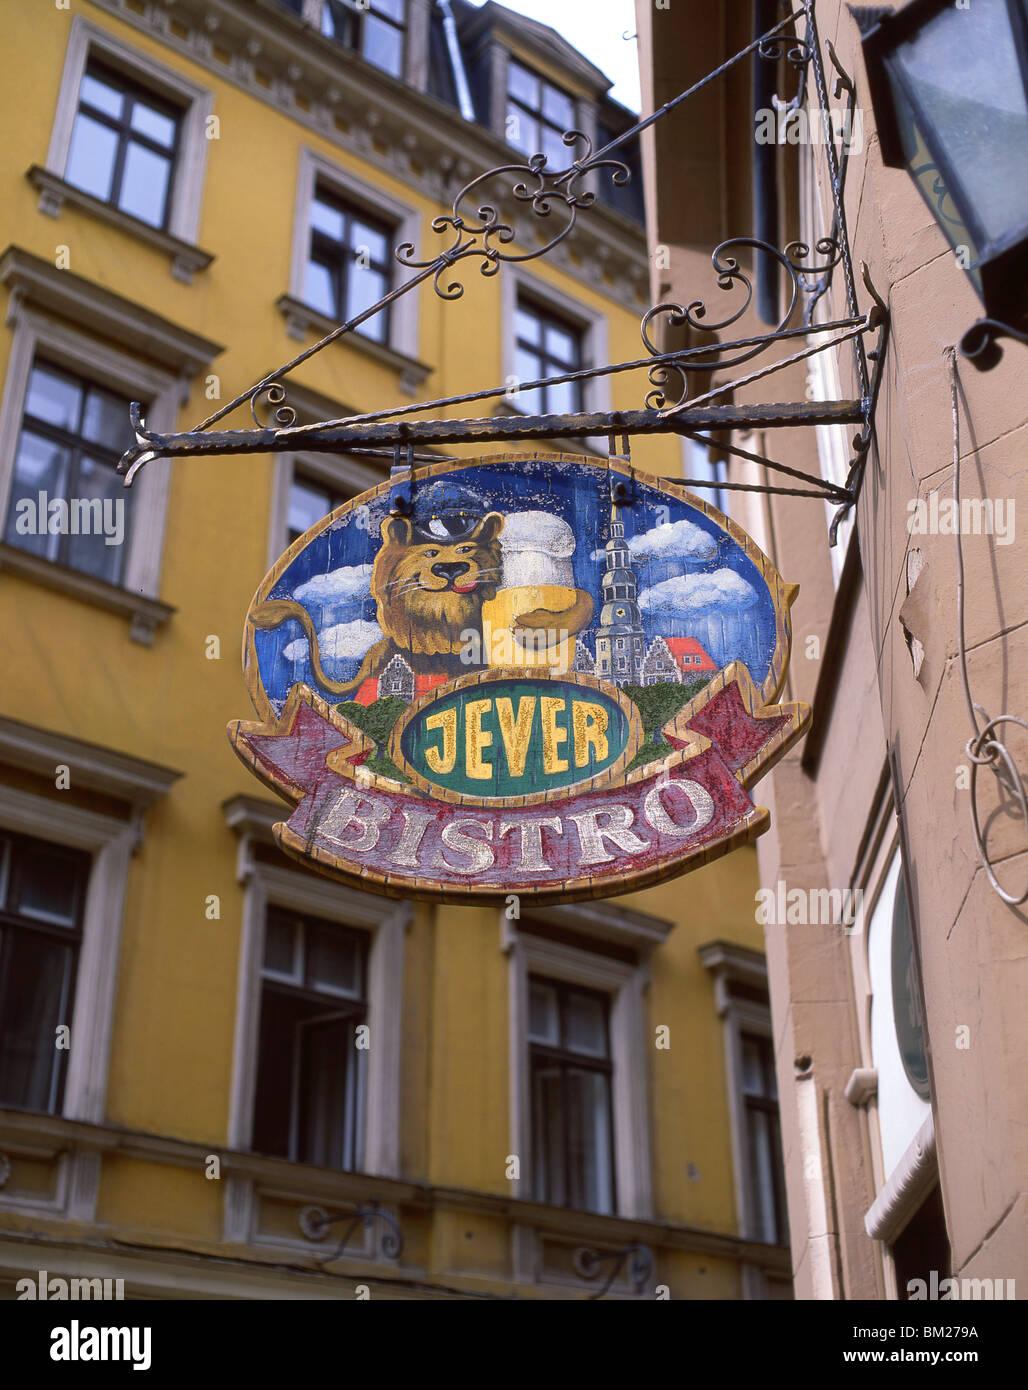 Bistro sign, Riga, Riga Region, Republic of Latvia - Stock Image